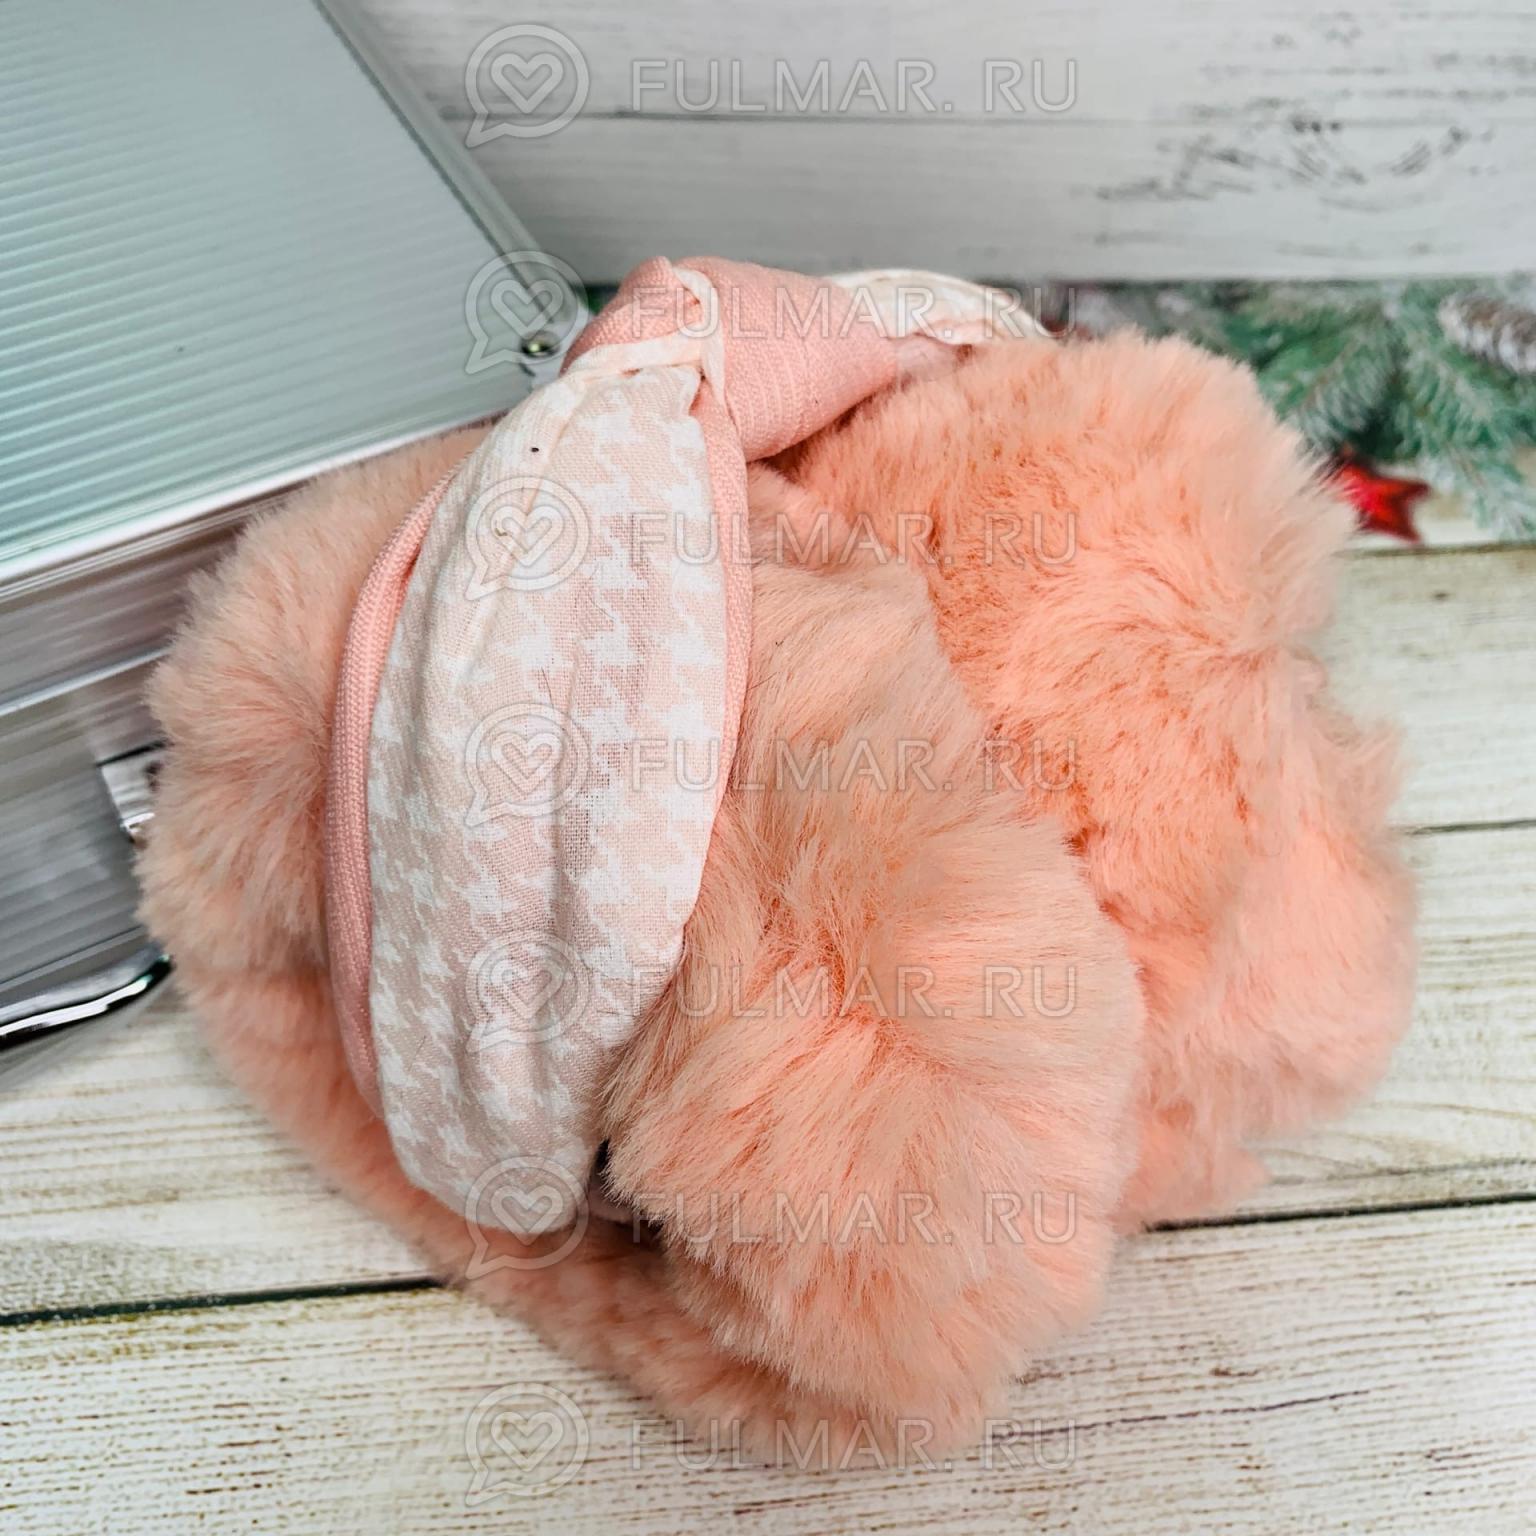 Наушники утеплённые складные Персиковые с ободком-узлом Lolita